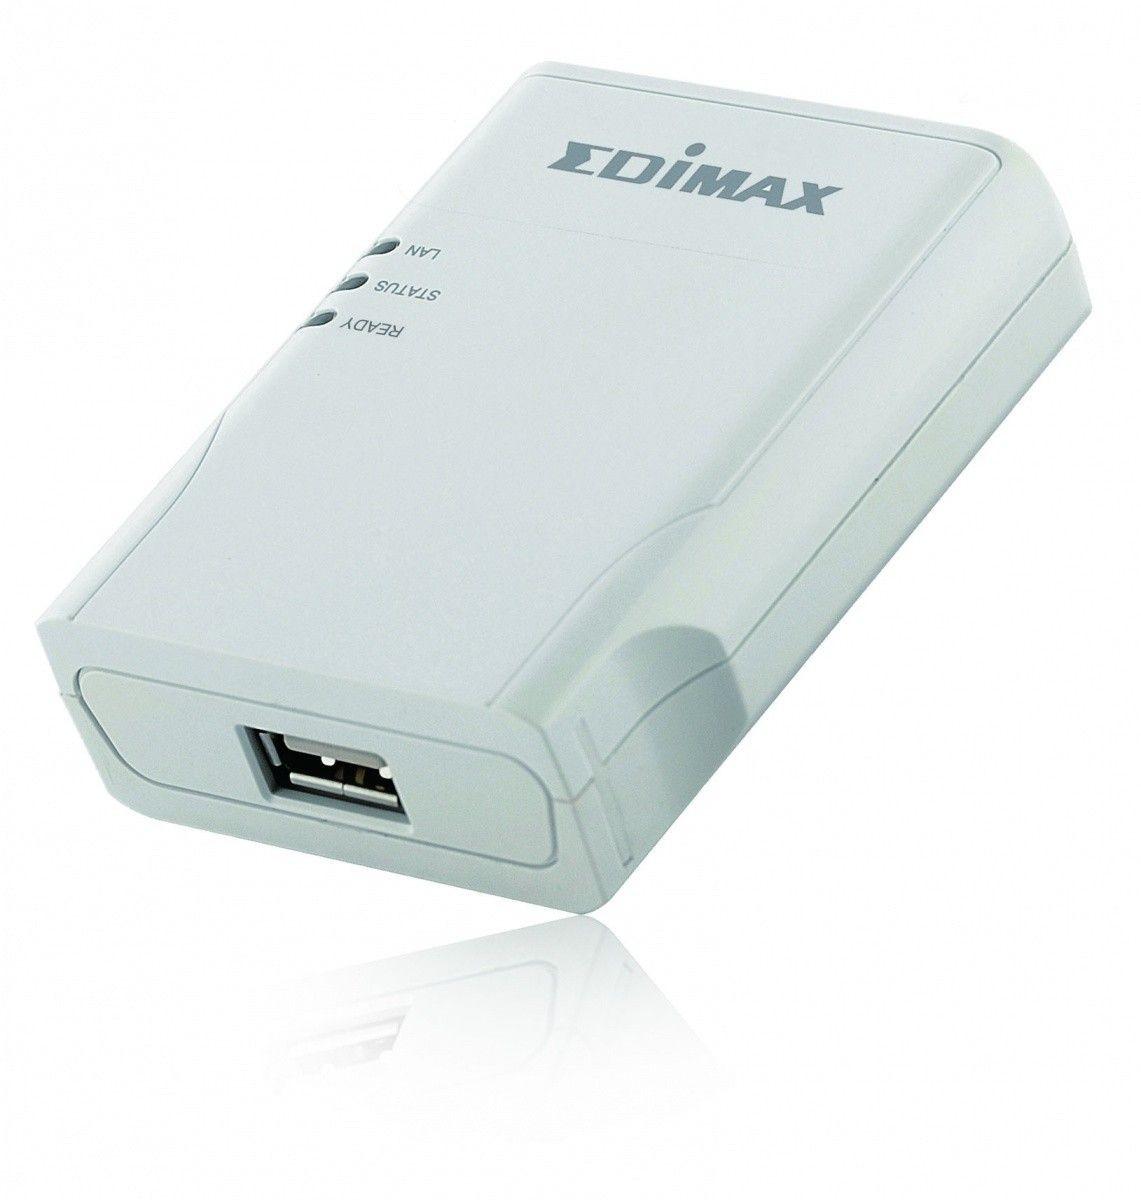 Edimax Print Server 1xUSB 2.0, 1x10/100Mbps